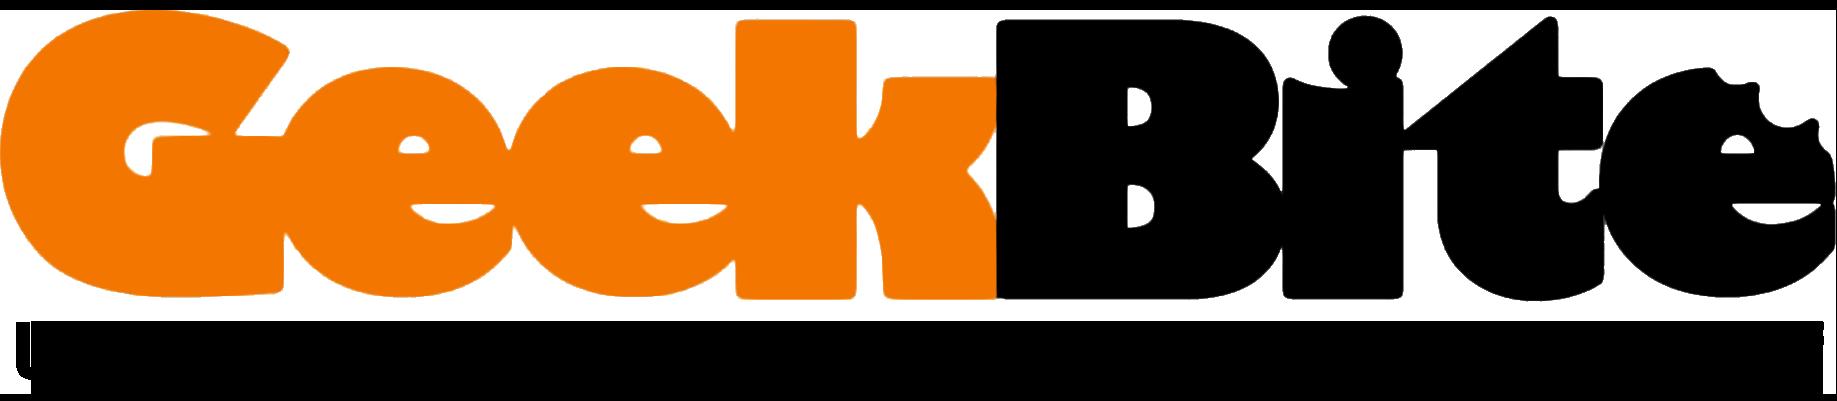 GeekBite-Logo.png